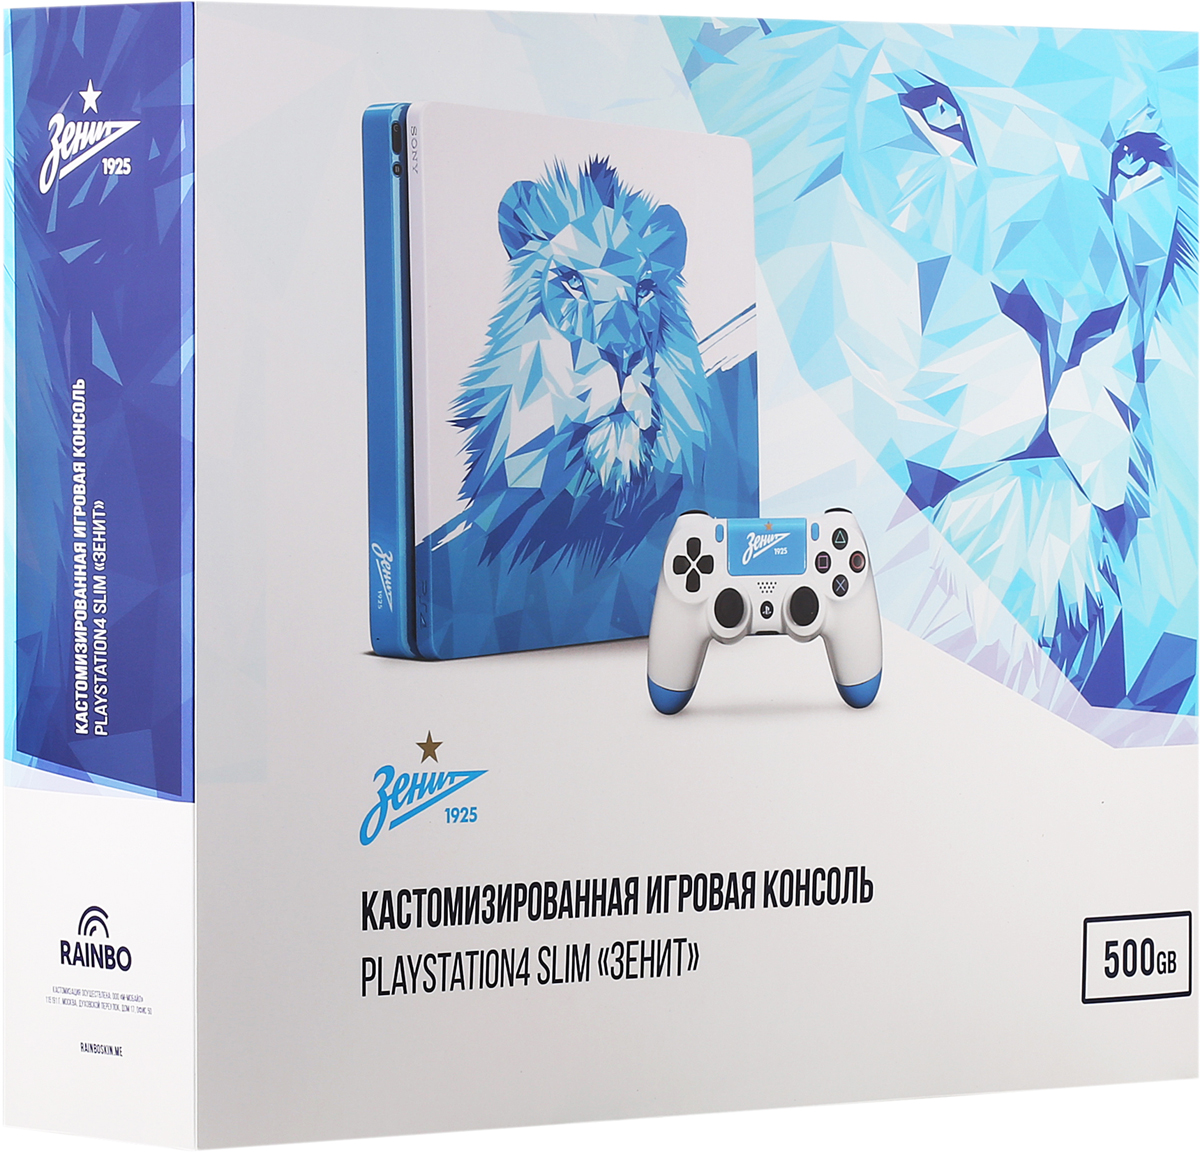 Игровая приставка Sony PlayStation 4 Slim Zenit Lion (500 GB) игровая приставка sony playstation 4 ps4 pro в комплекте с джойстиком dualshock 4